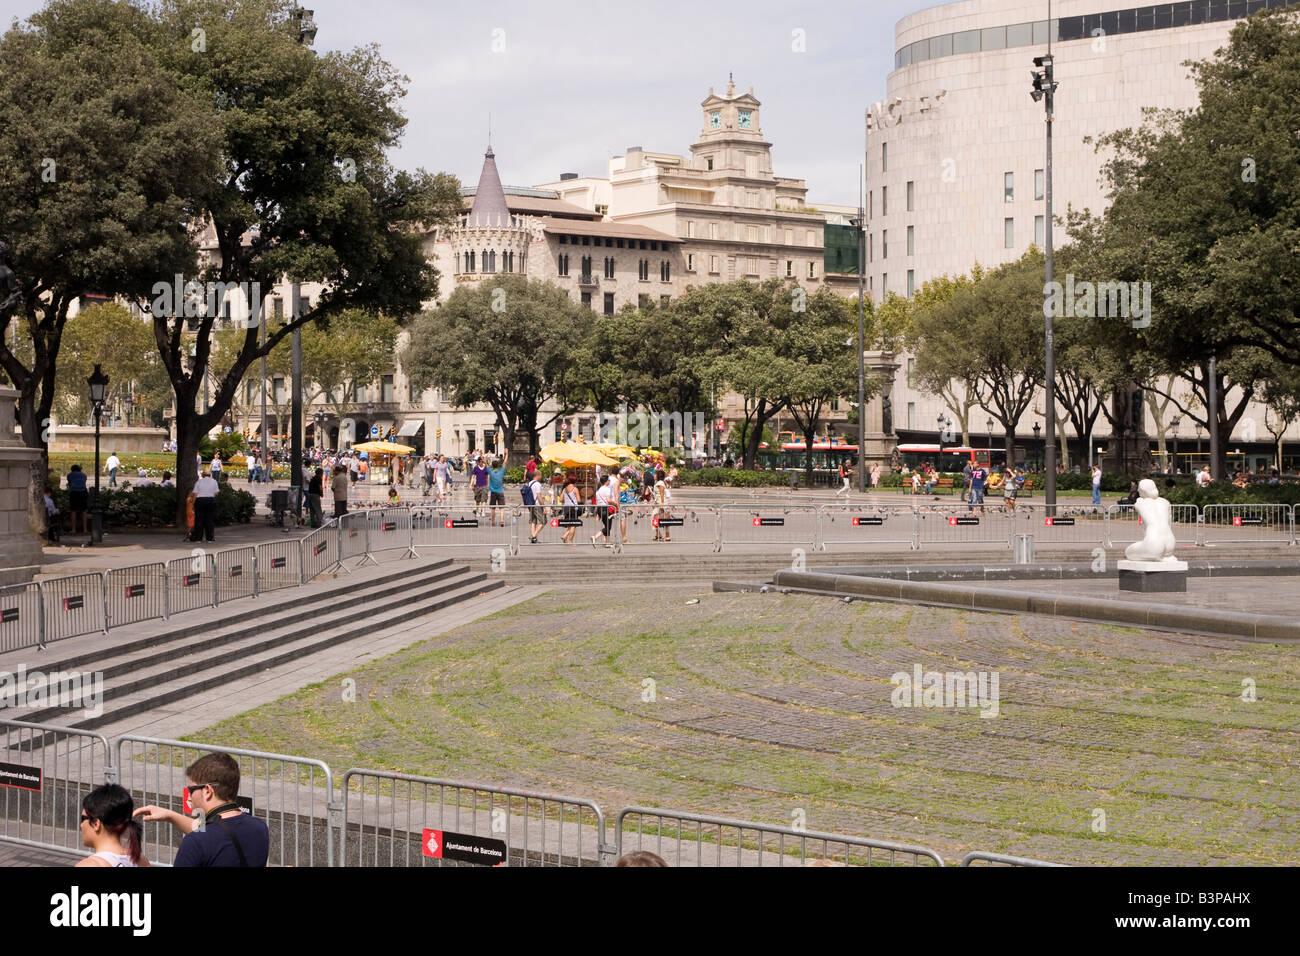 View of Placa de Catalunya in Barcelona Spain - Stock Image